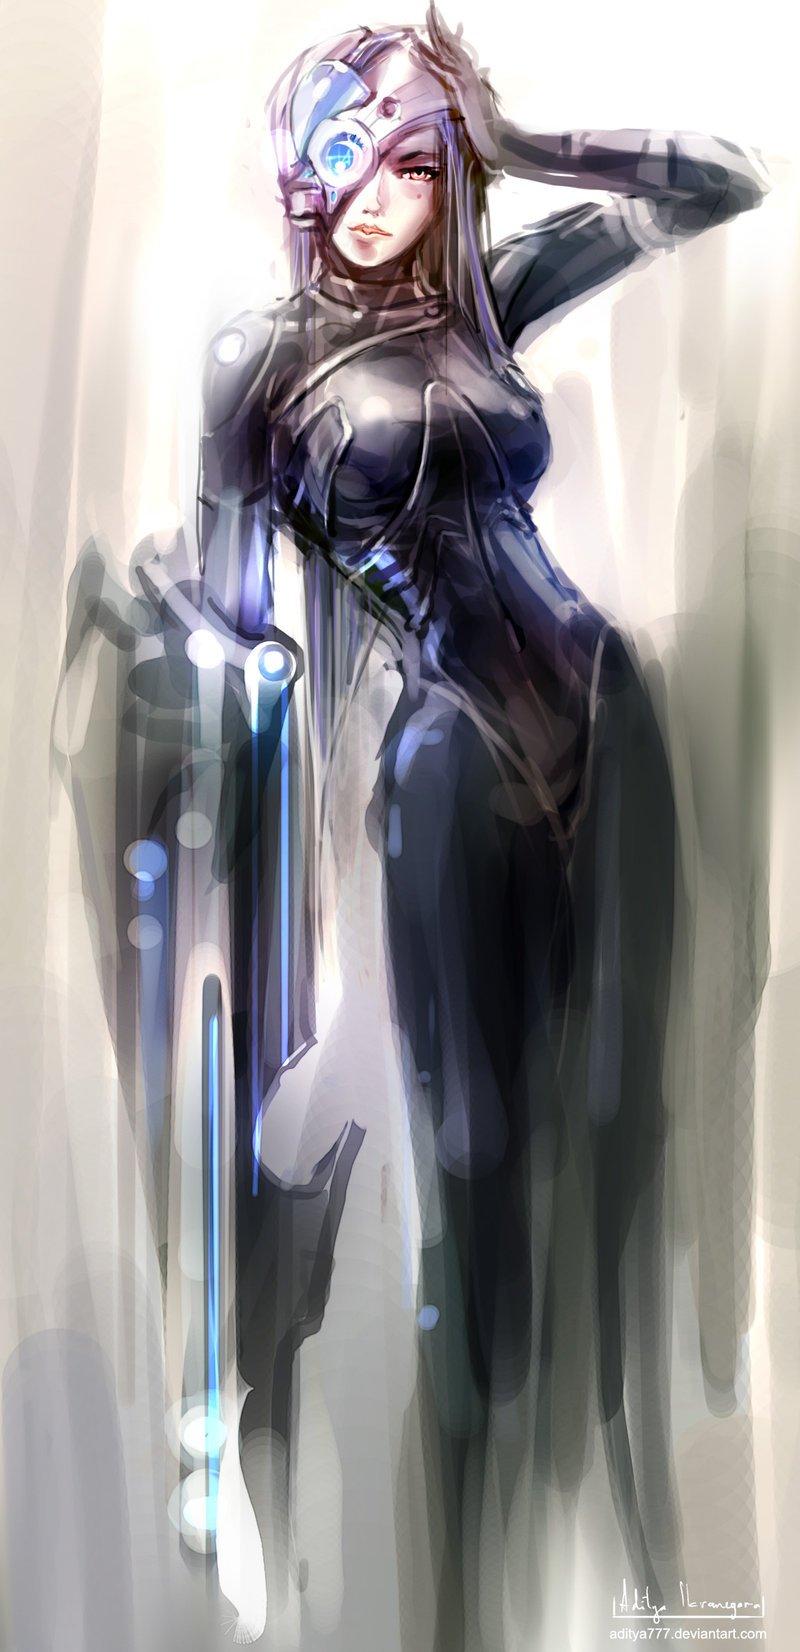 Cyborg 61rl5n6un58byaditya777